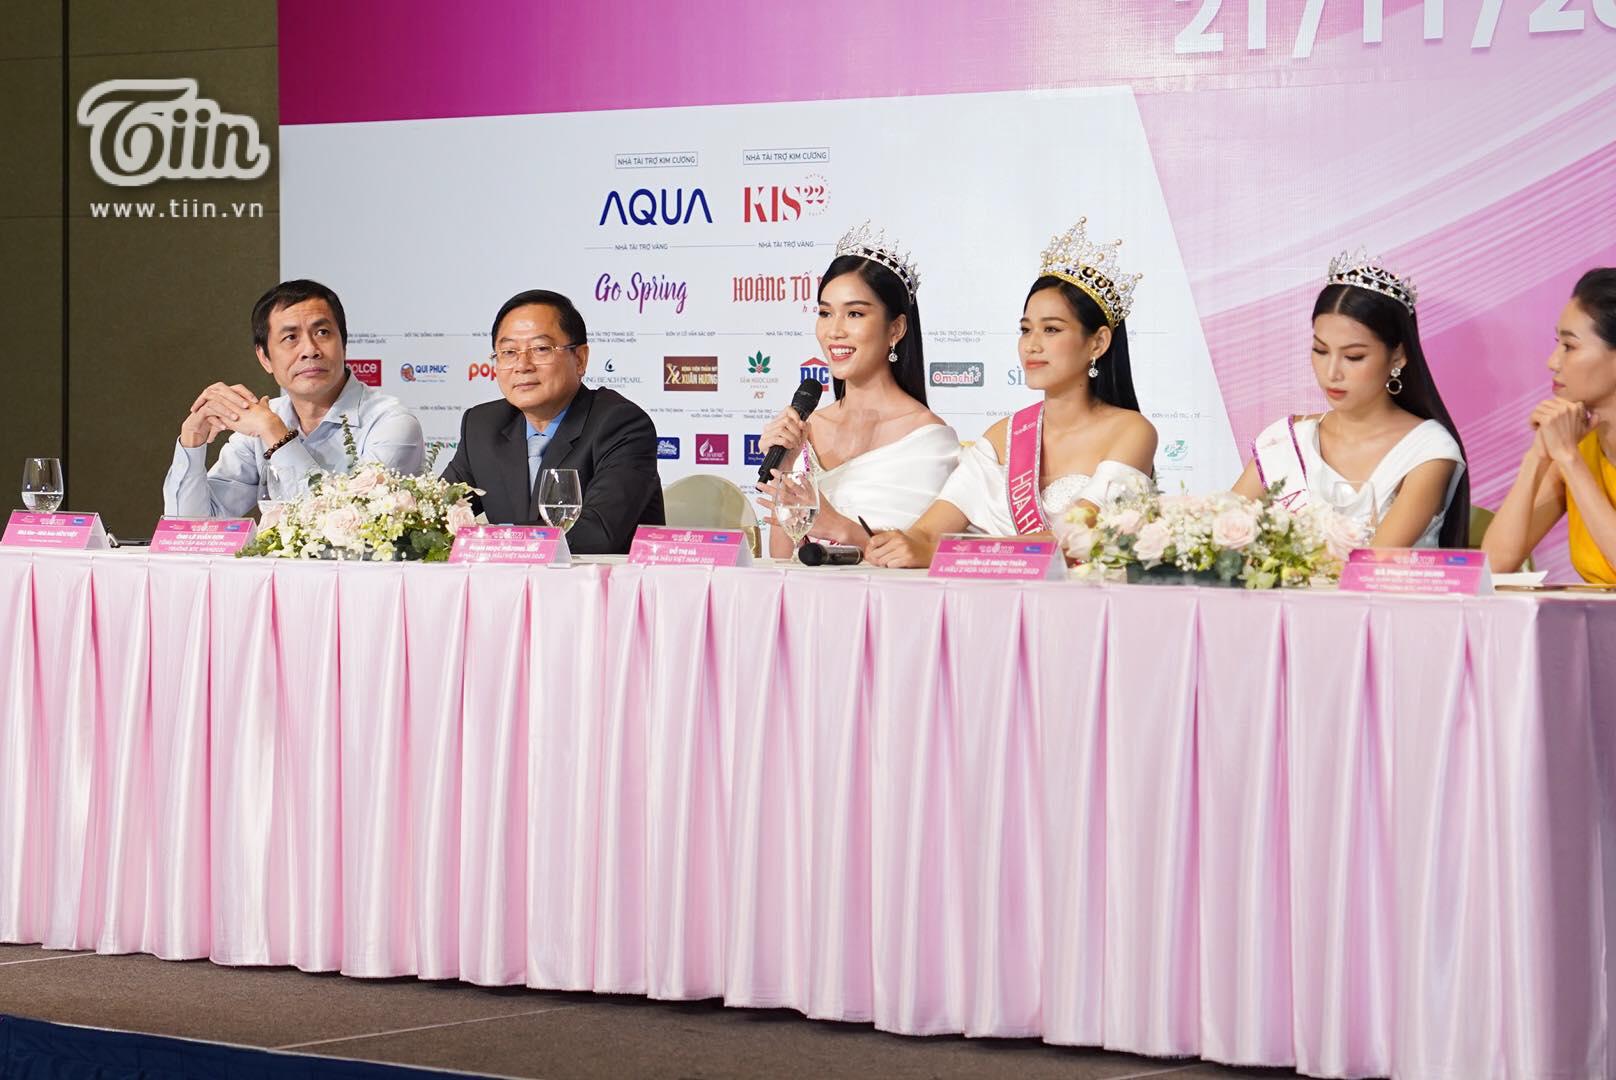 Hoa hậu Đỗ Thị Hà cùng 2 Á hậu trả lời họp báo sáng 21/11.